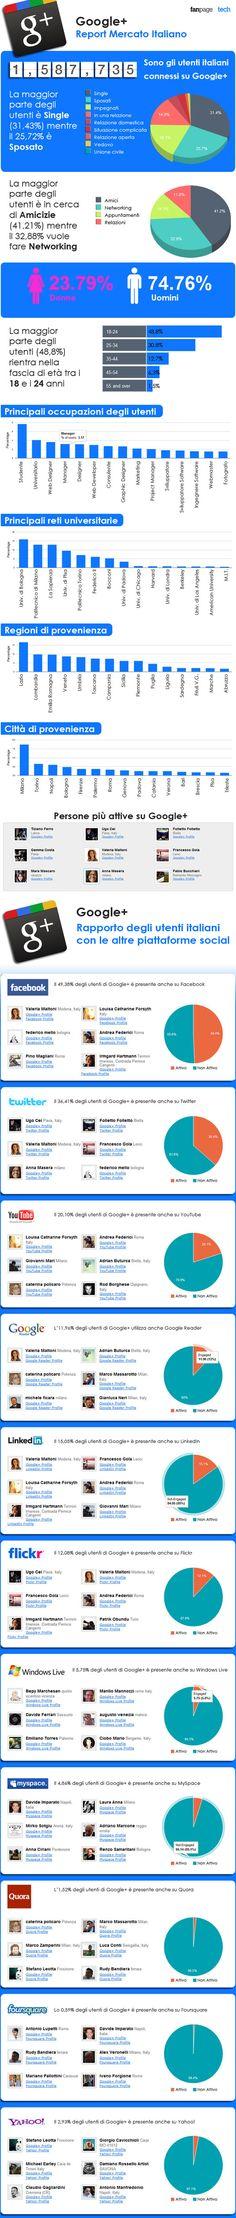 Infografica sull'utilizzo di Google+ in Italia